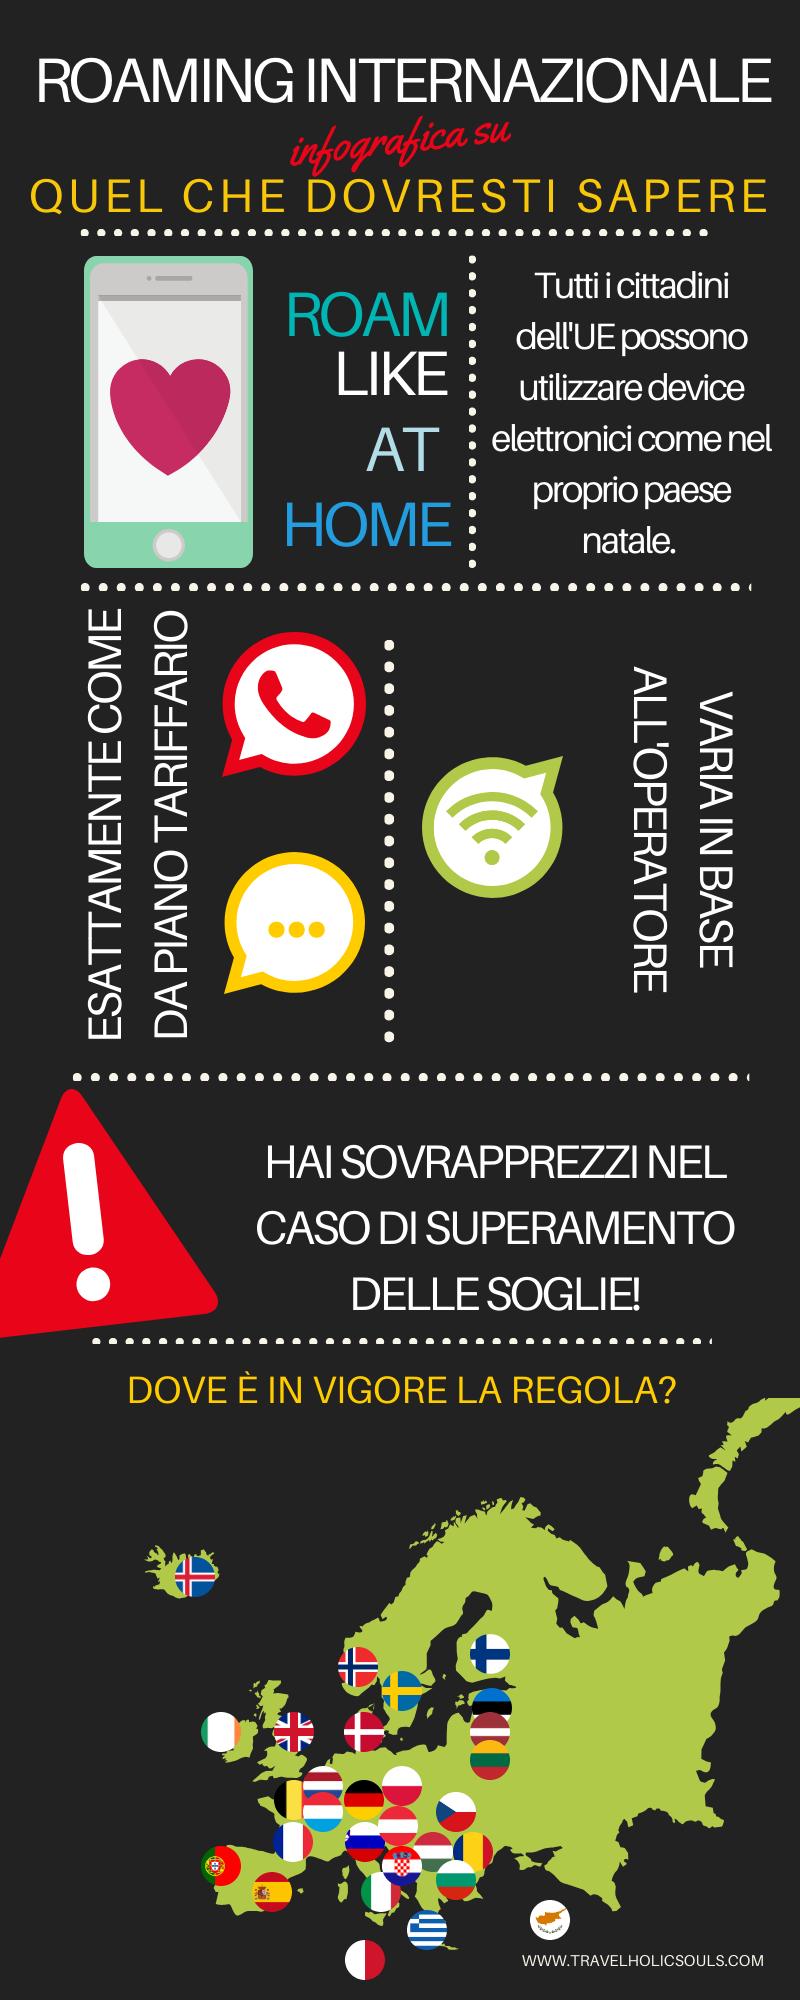 roaming internazionale infografica finale